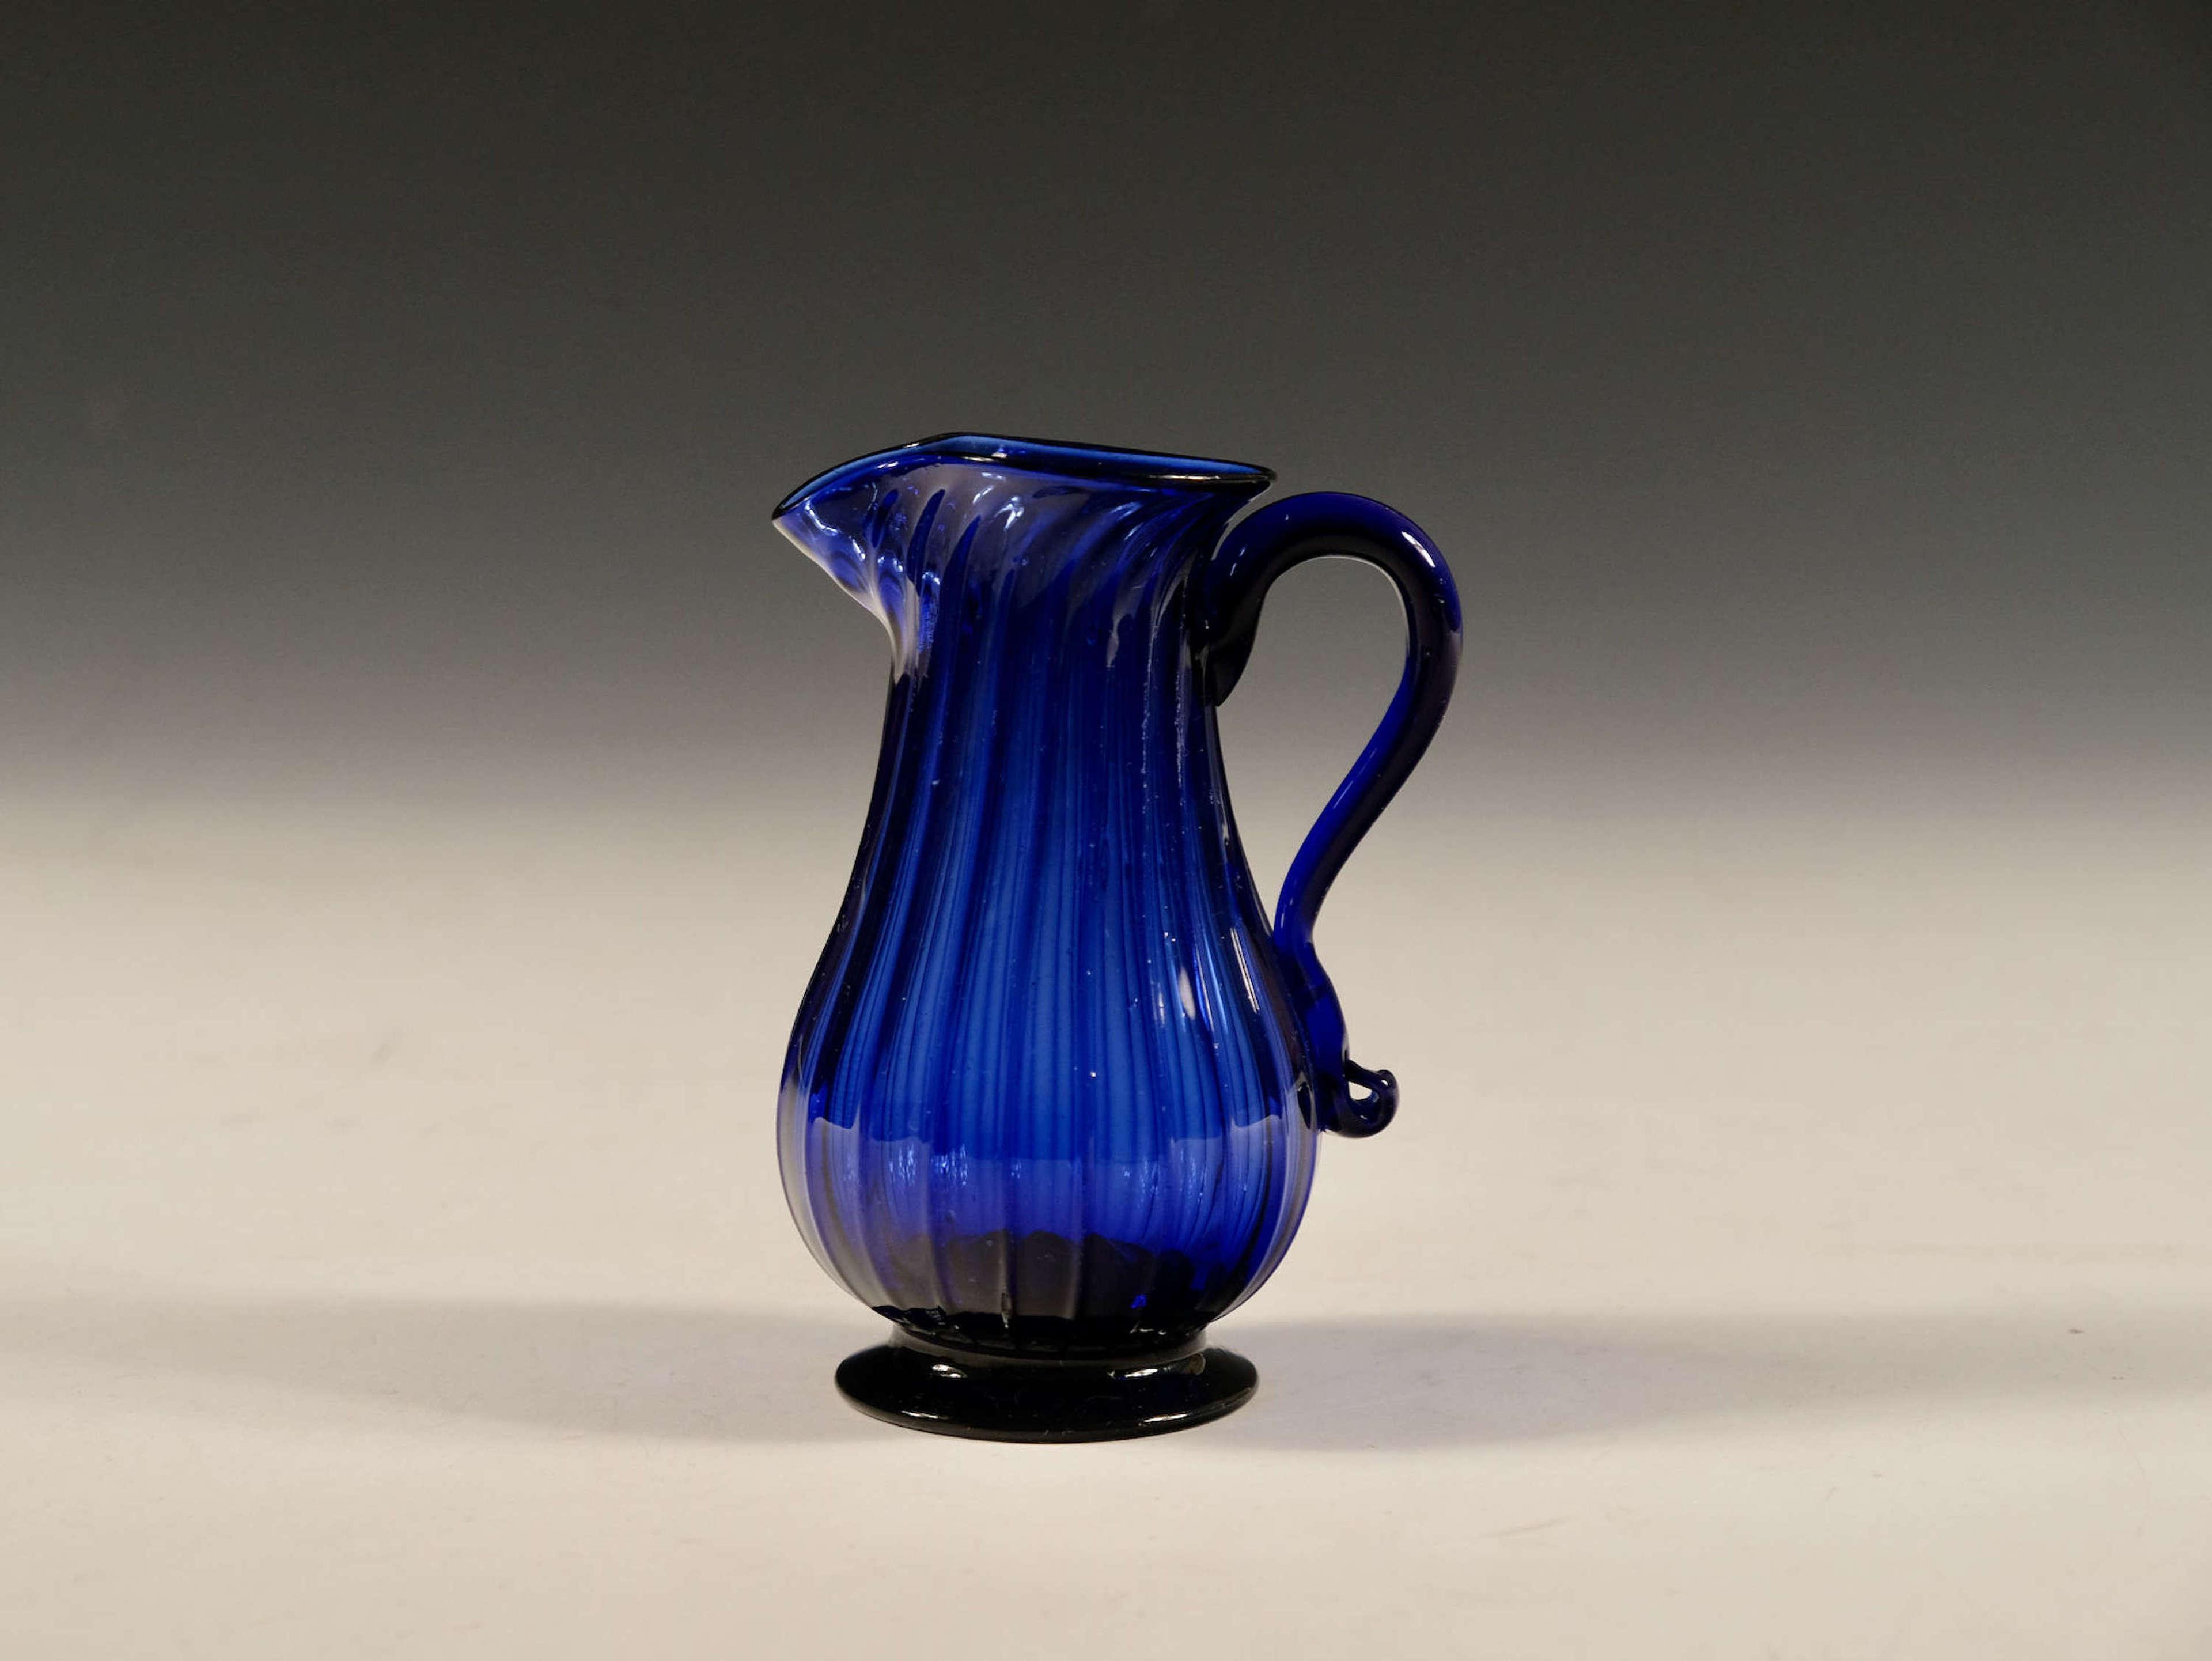 Antique cream jug blue English c1780